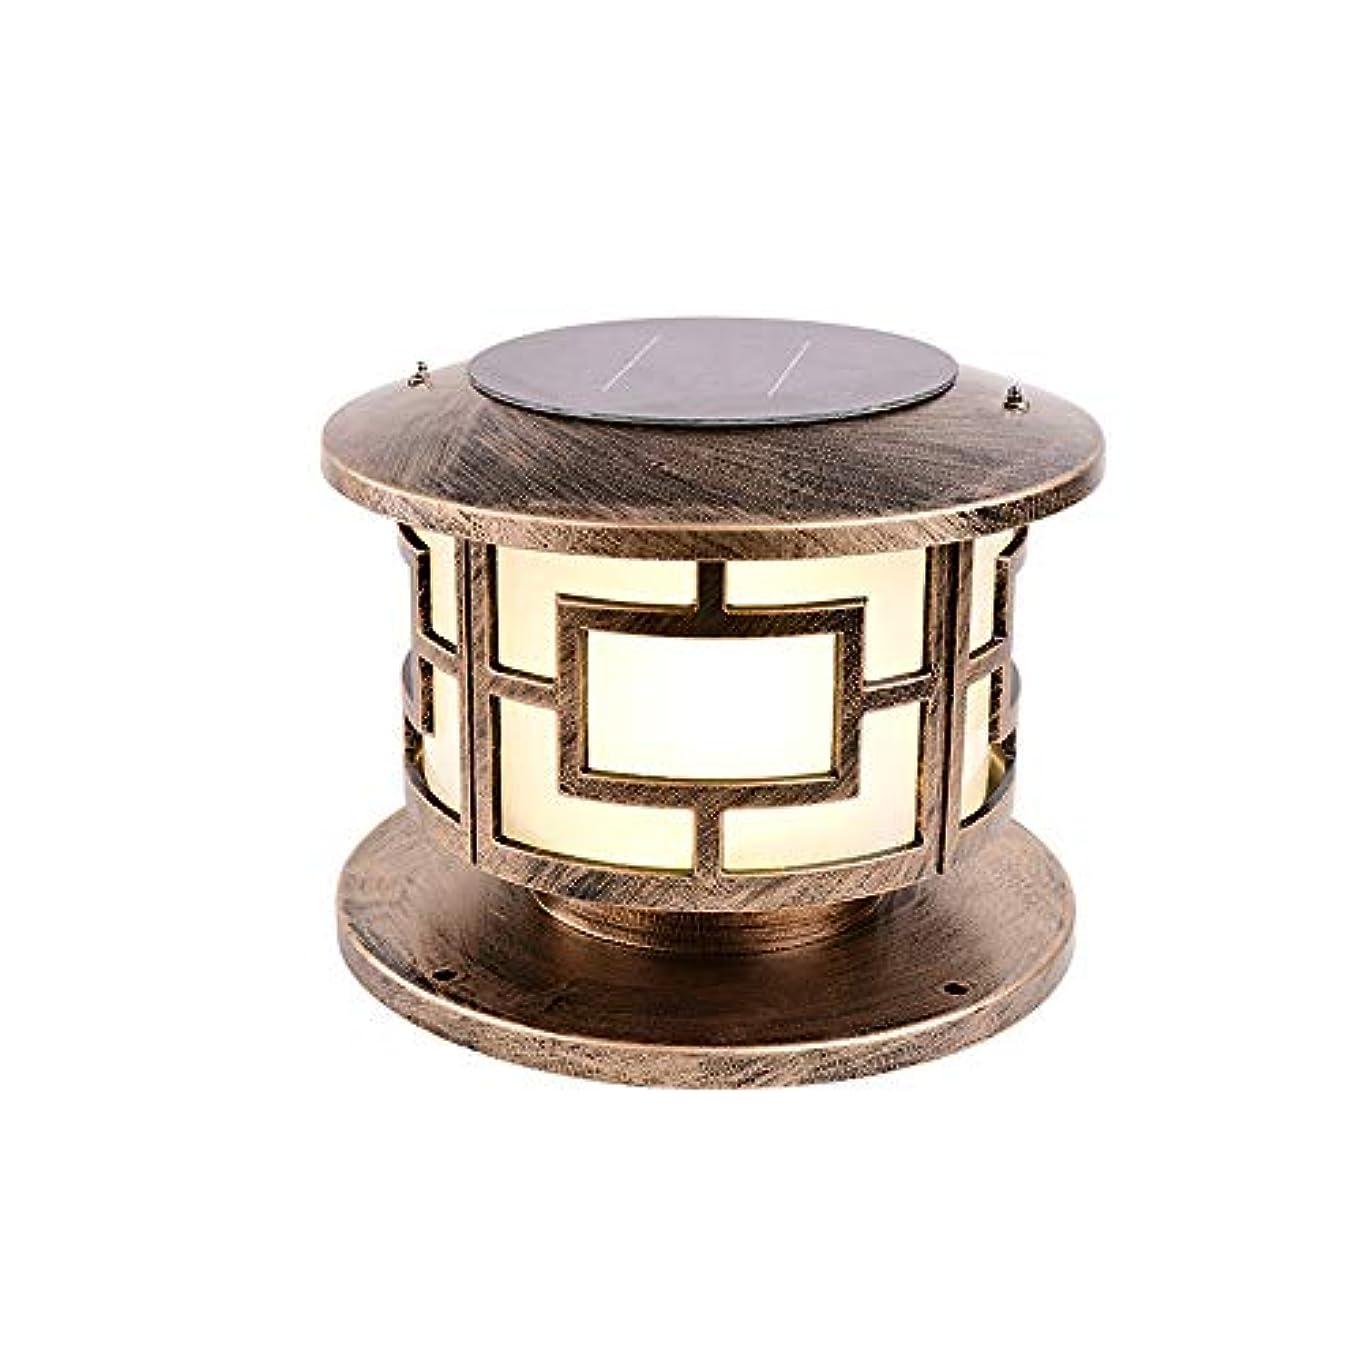 場合代数的スチールPinjeer E27ソーラーヴィンテージ防水屋外ブラスポストライトレトロ工業用金属アルミニウムの柱ランプガーデンドアストリートホームヴィラ装飾コラムライト (Color : Warm Light, サイズ : S)